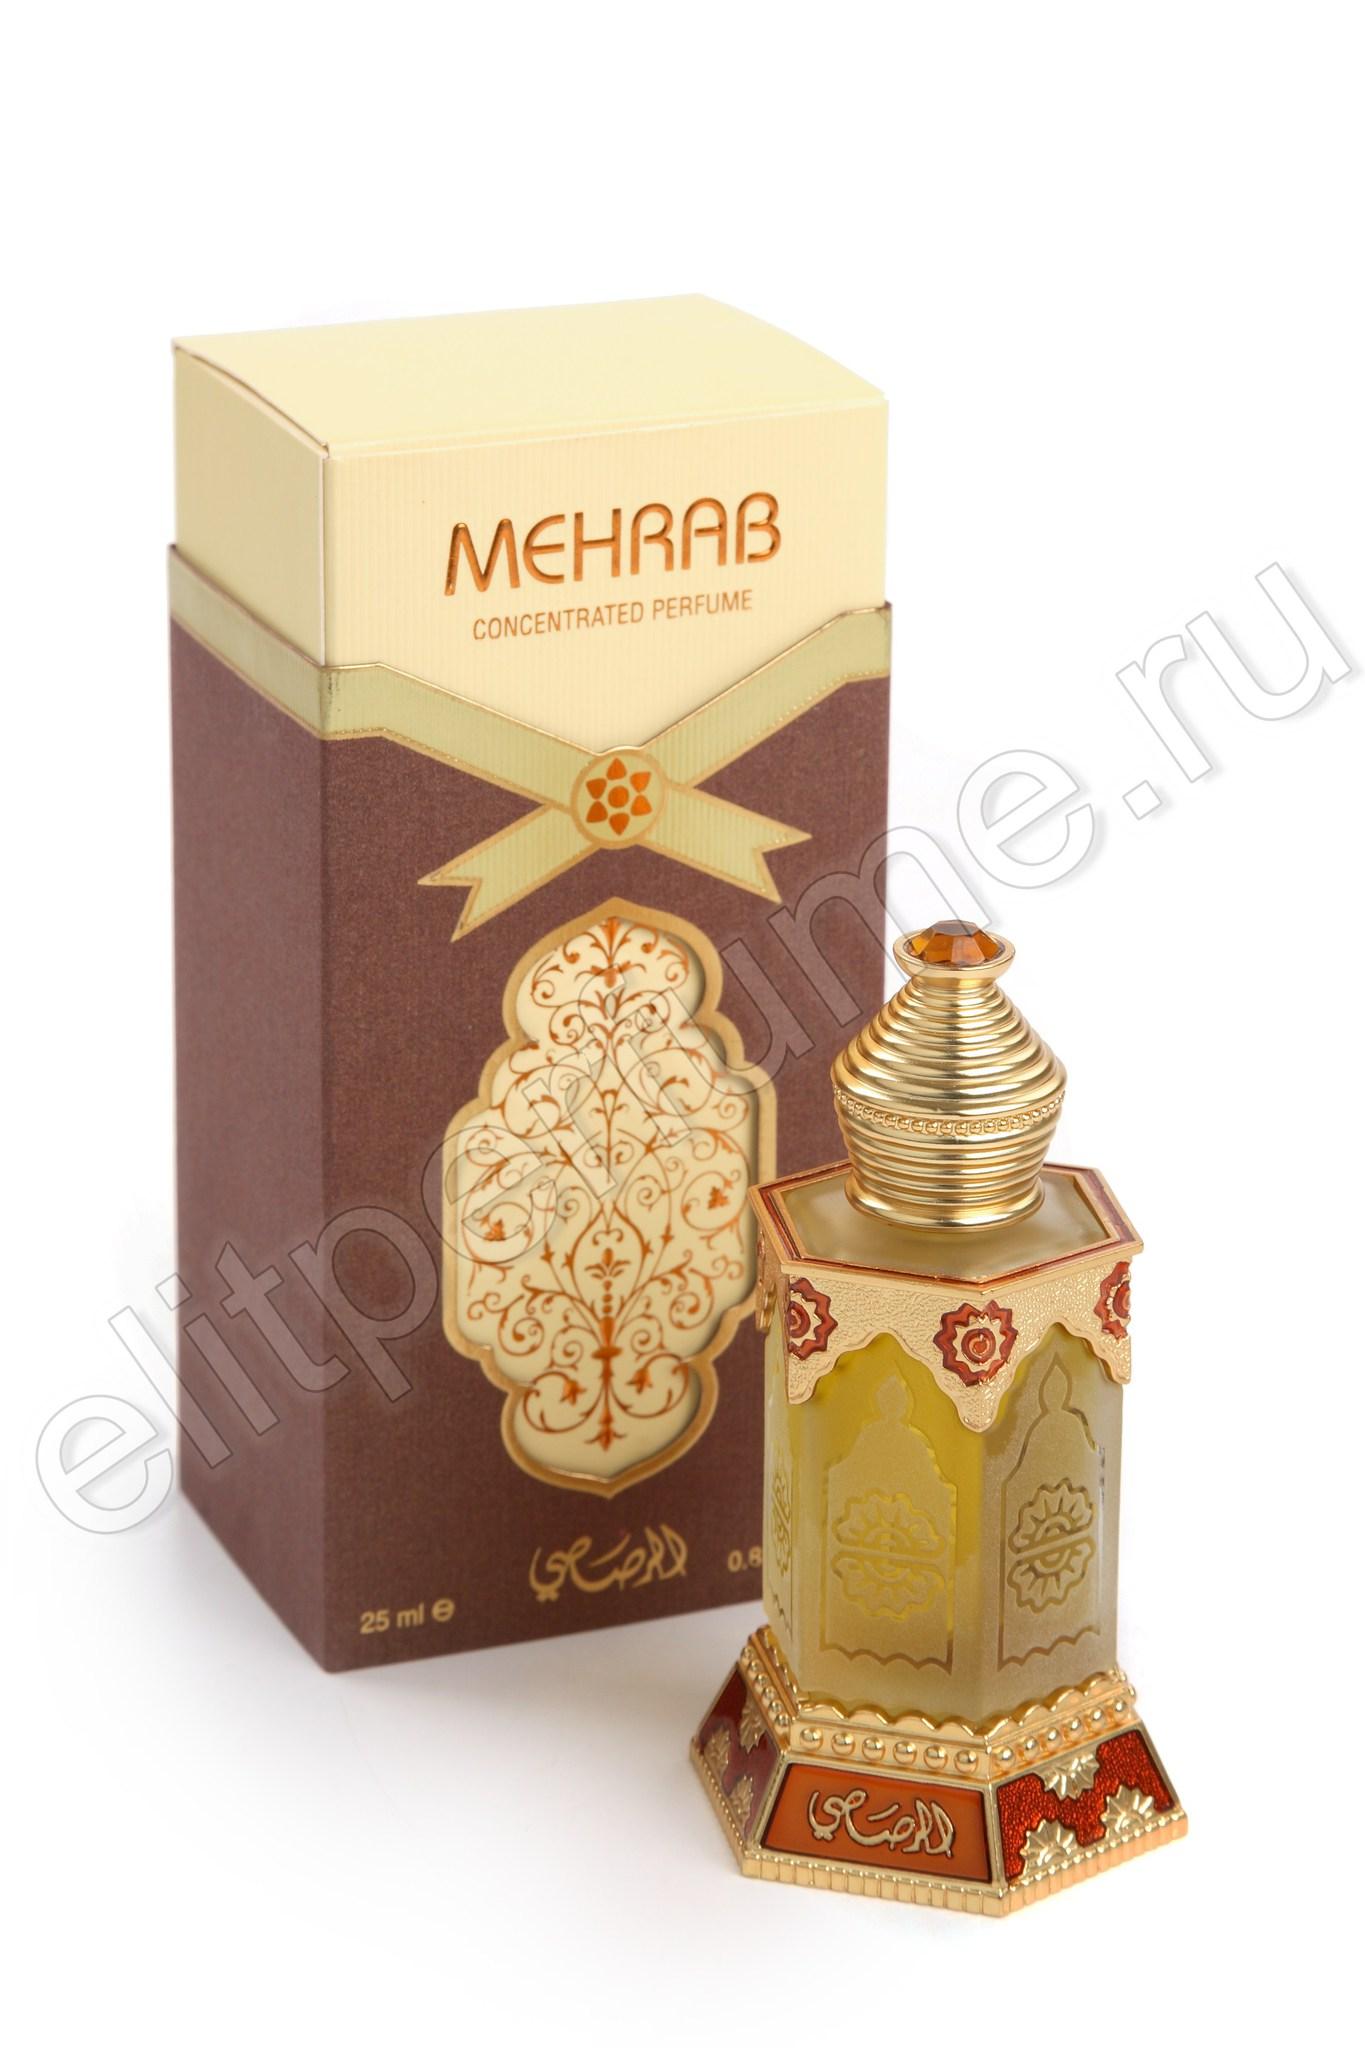 Арабские духи Мехраб Mehrab 25 мл арабские мужские масляные духи от Расаси Rasasi Perfumes